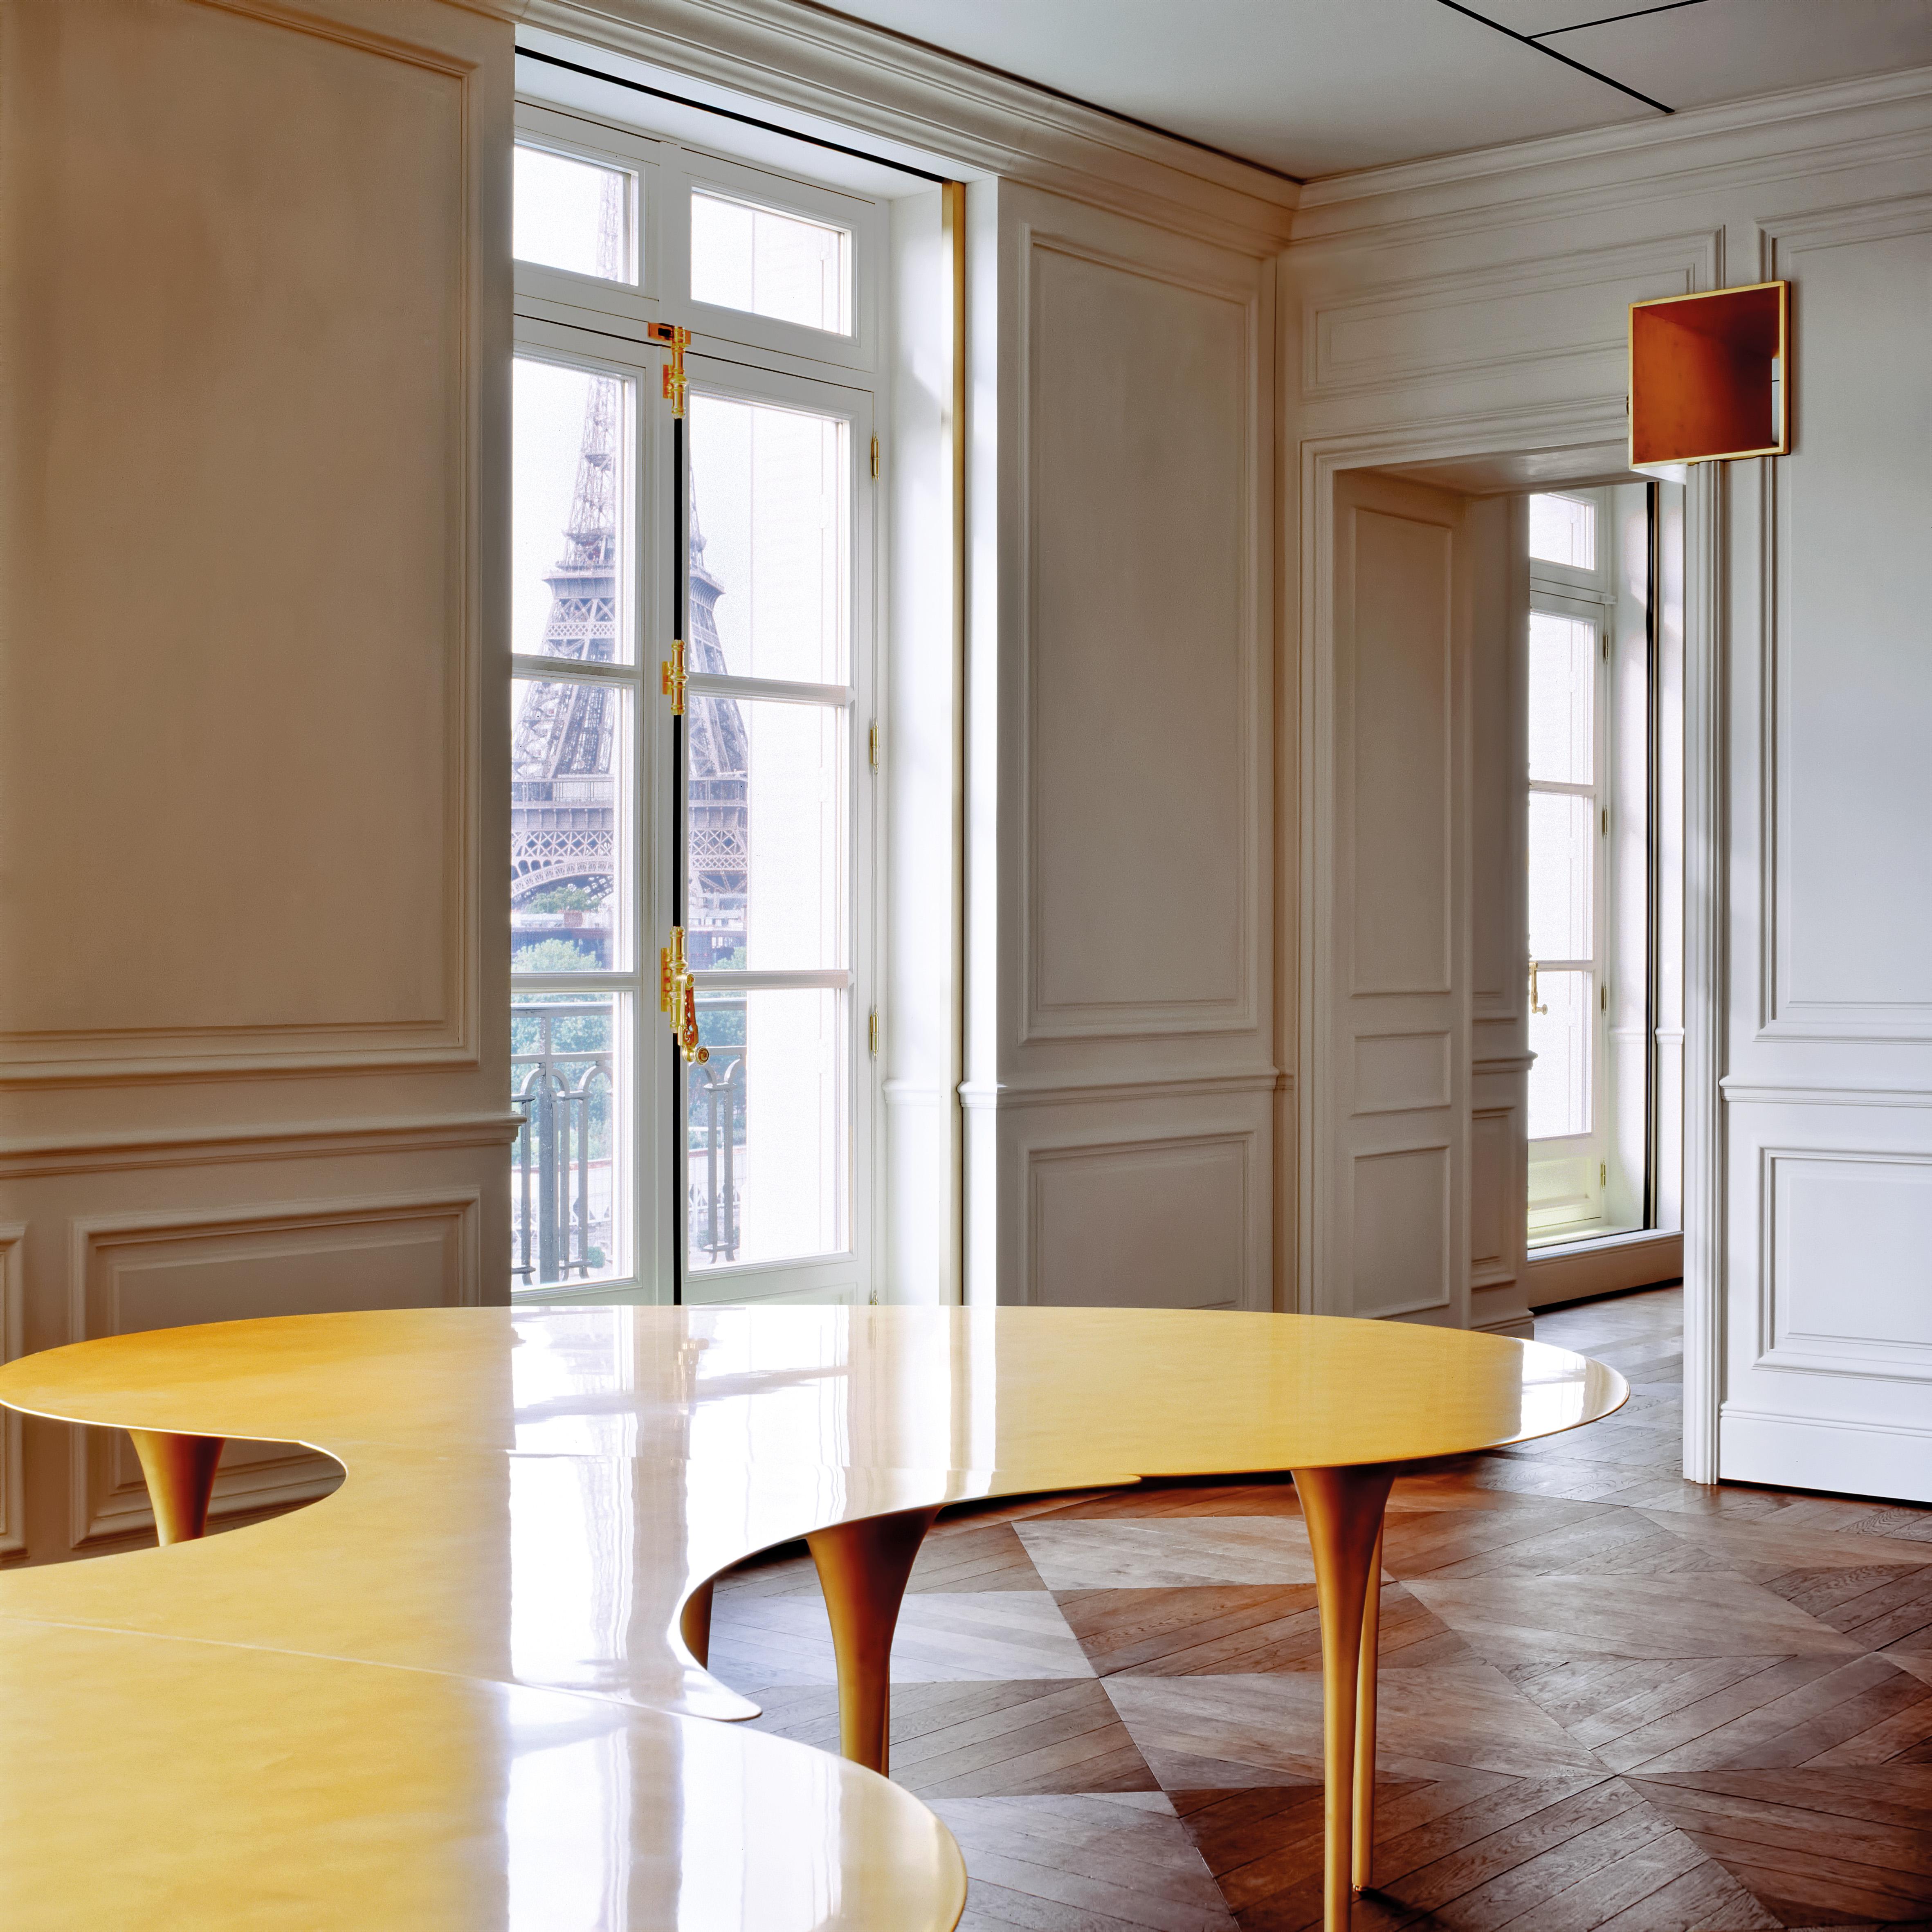 Pickering saverino in dettaglio italia per interni 4 arredativo design magazine - Studi architettura d interni milano ...